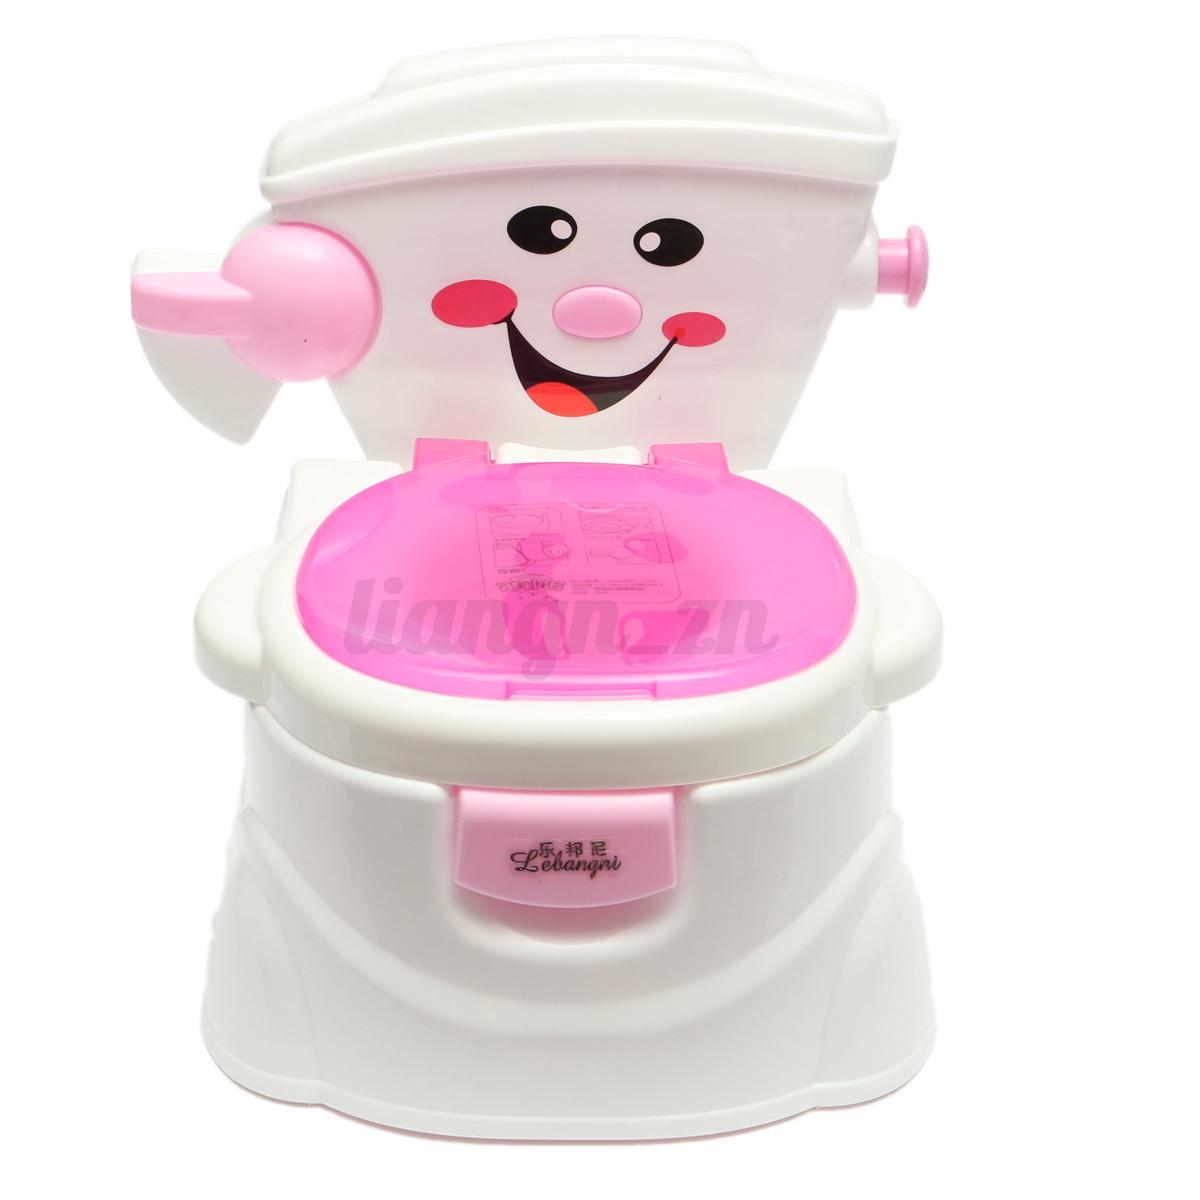 b b pot de toilette si ge couvercle porte papier musique formation enfant ebay. Black Bedroom Furniture Sets. Home Design Ideas